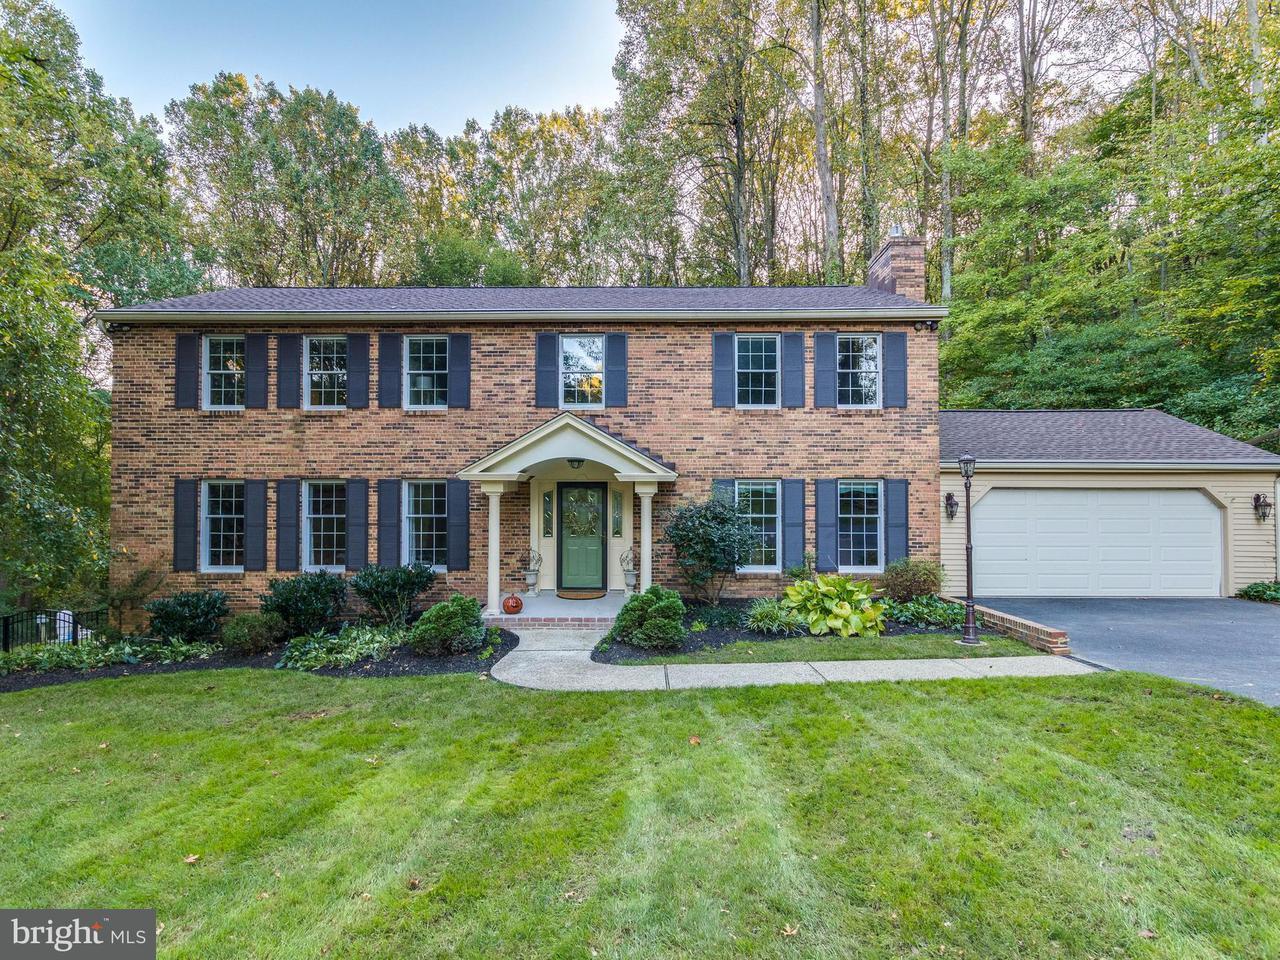 一戸建て のために 売買 アット 4 CHICKORY Court 4 CHICKORY Court Glen Arm, メリーランド 21057 アメリカ合衆国